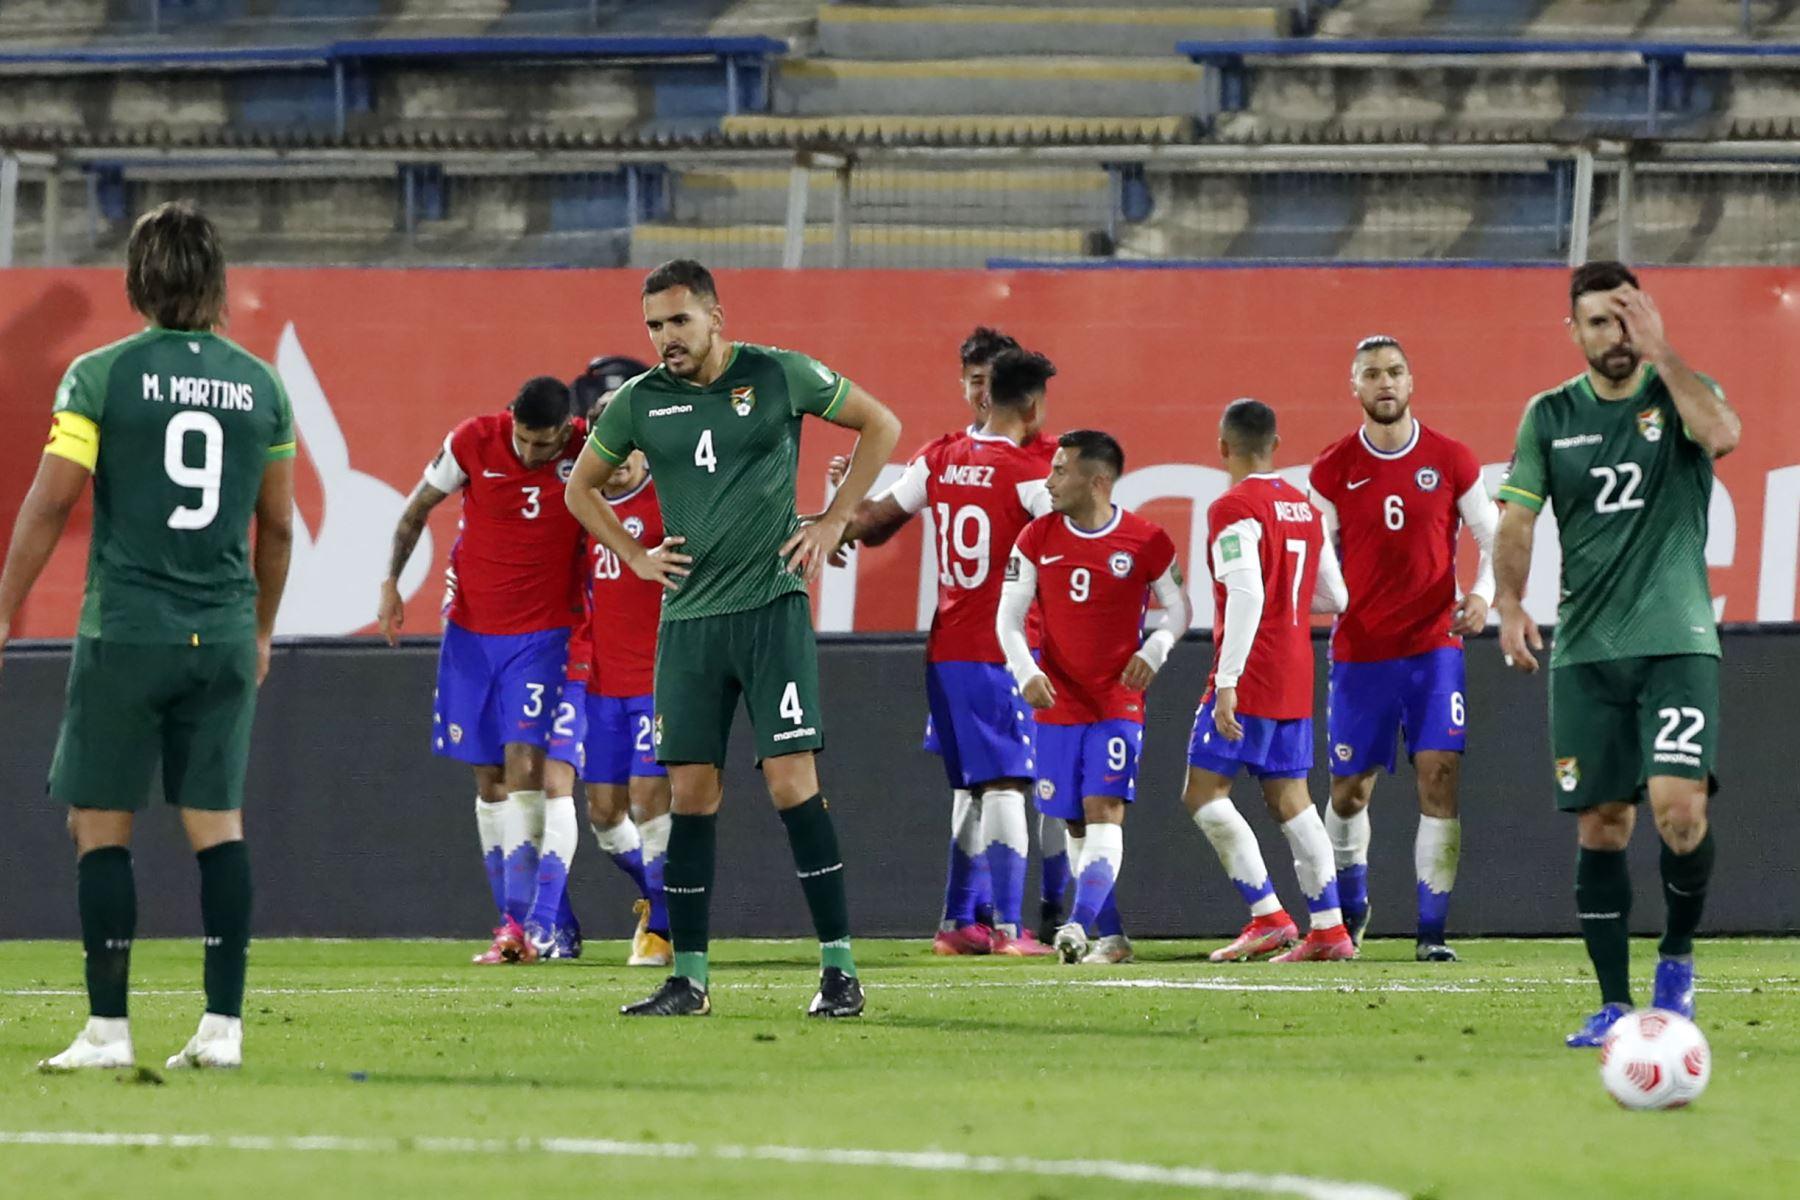 Los jugadores de Chile celebran después de anotar contra Bolivia durante su partido de fútbol de clasificación sudamericano para la Copa Mundial de la FIFA Qatar 2022 en el Estadio Nacional de Santiago. Foto: AFP